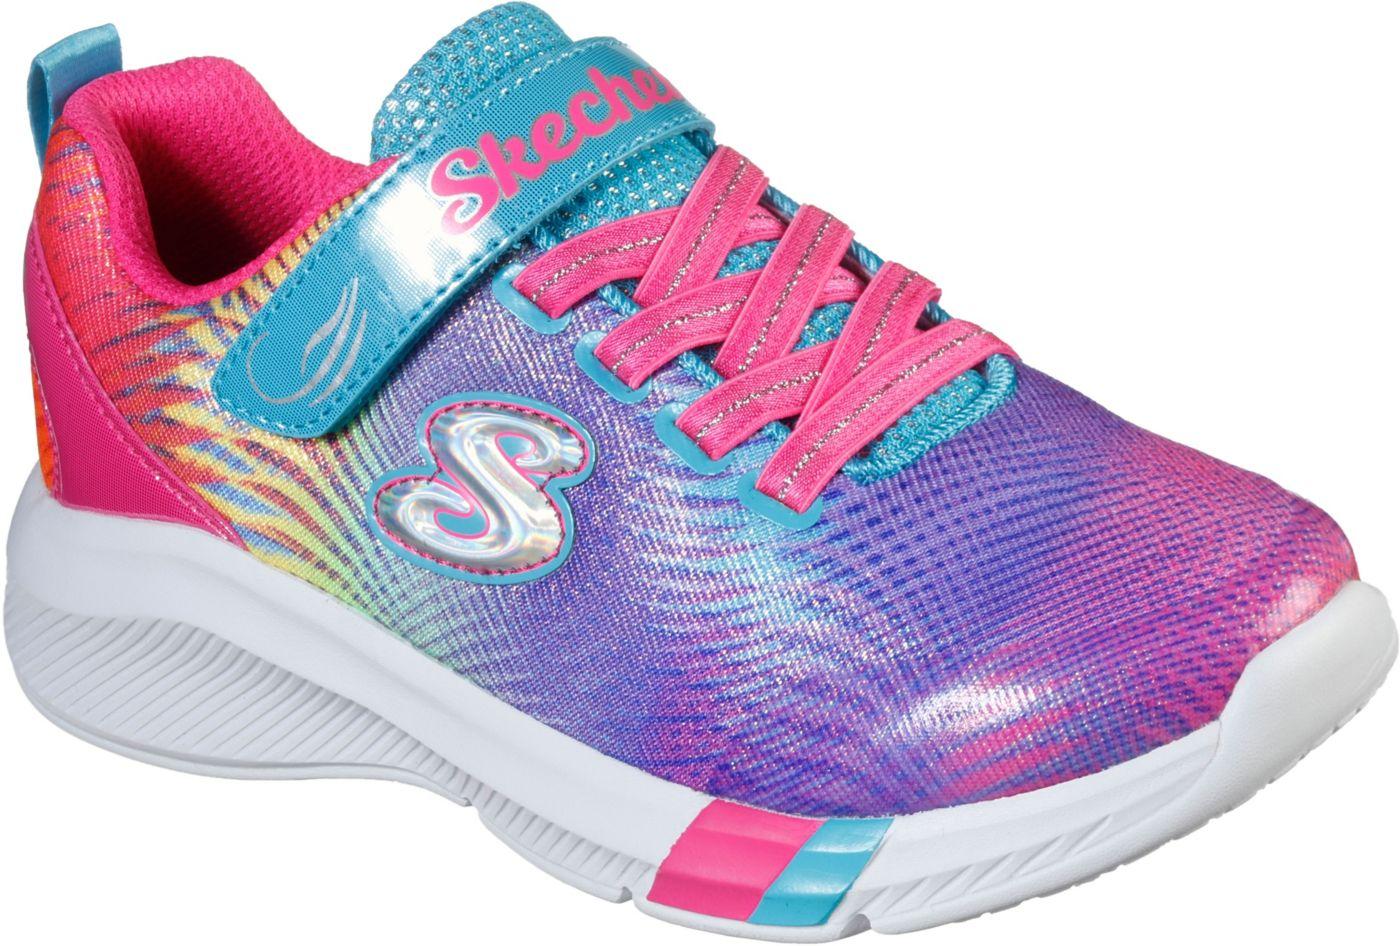 Skechers Kids' Preschool Dreamy Lites Rainbow Shoes